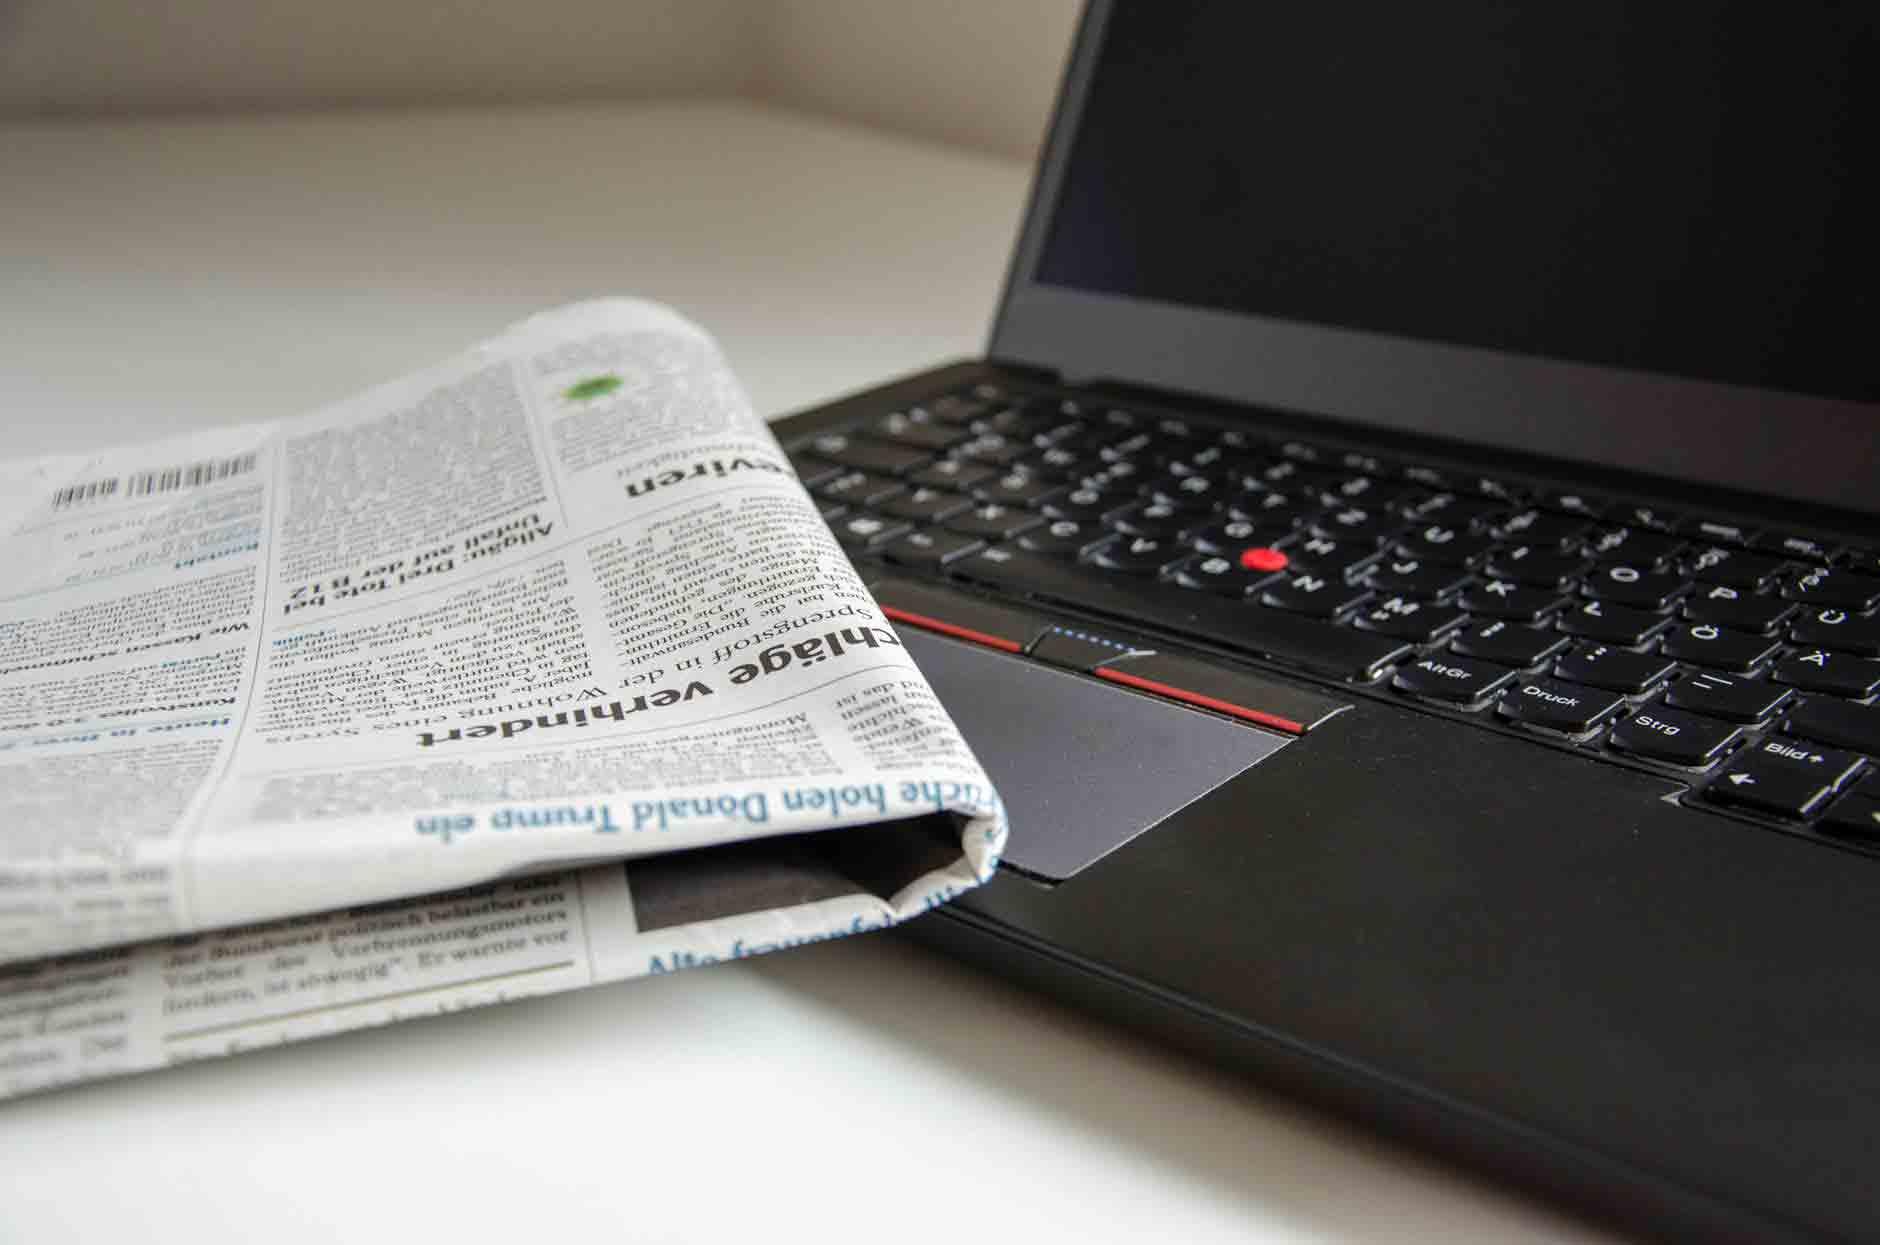 Reforma Trabalhista resumo: foto de um jornal e um notebook